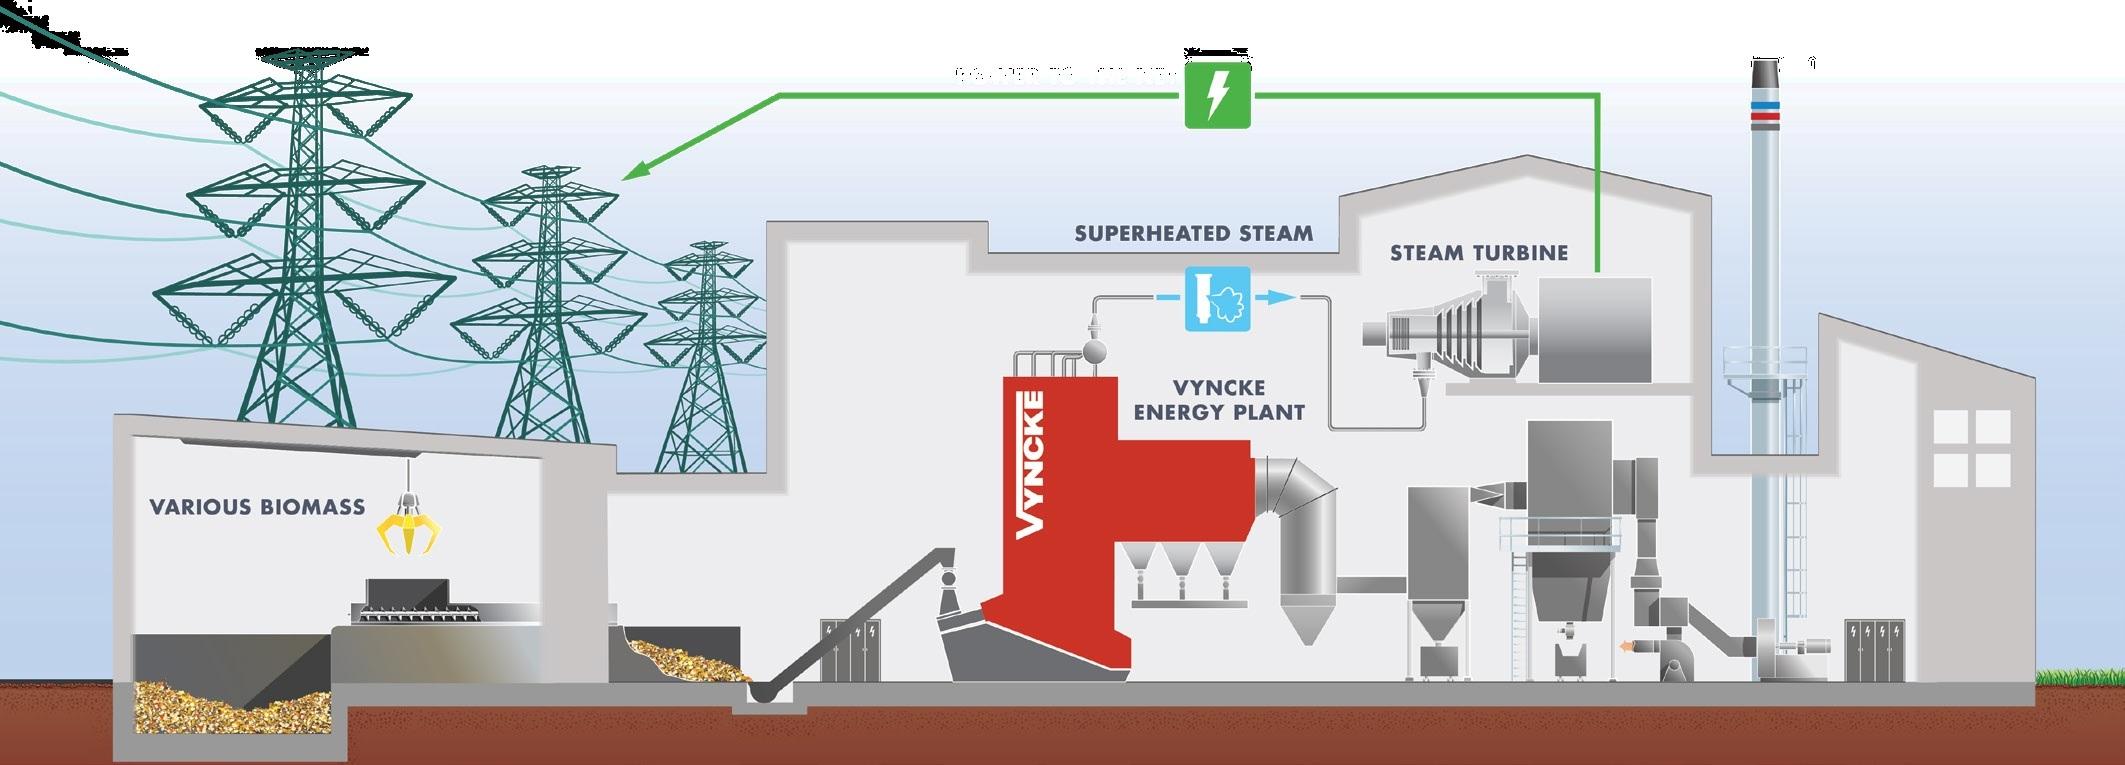 Schemat instalacji produkującej energię elektryczną